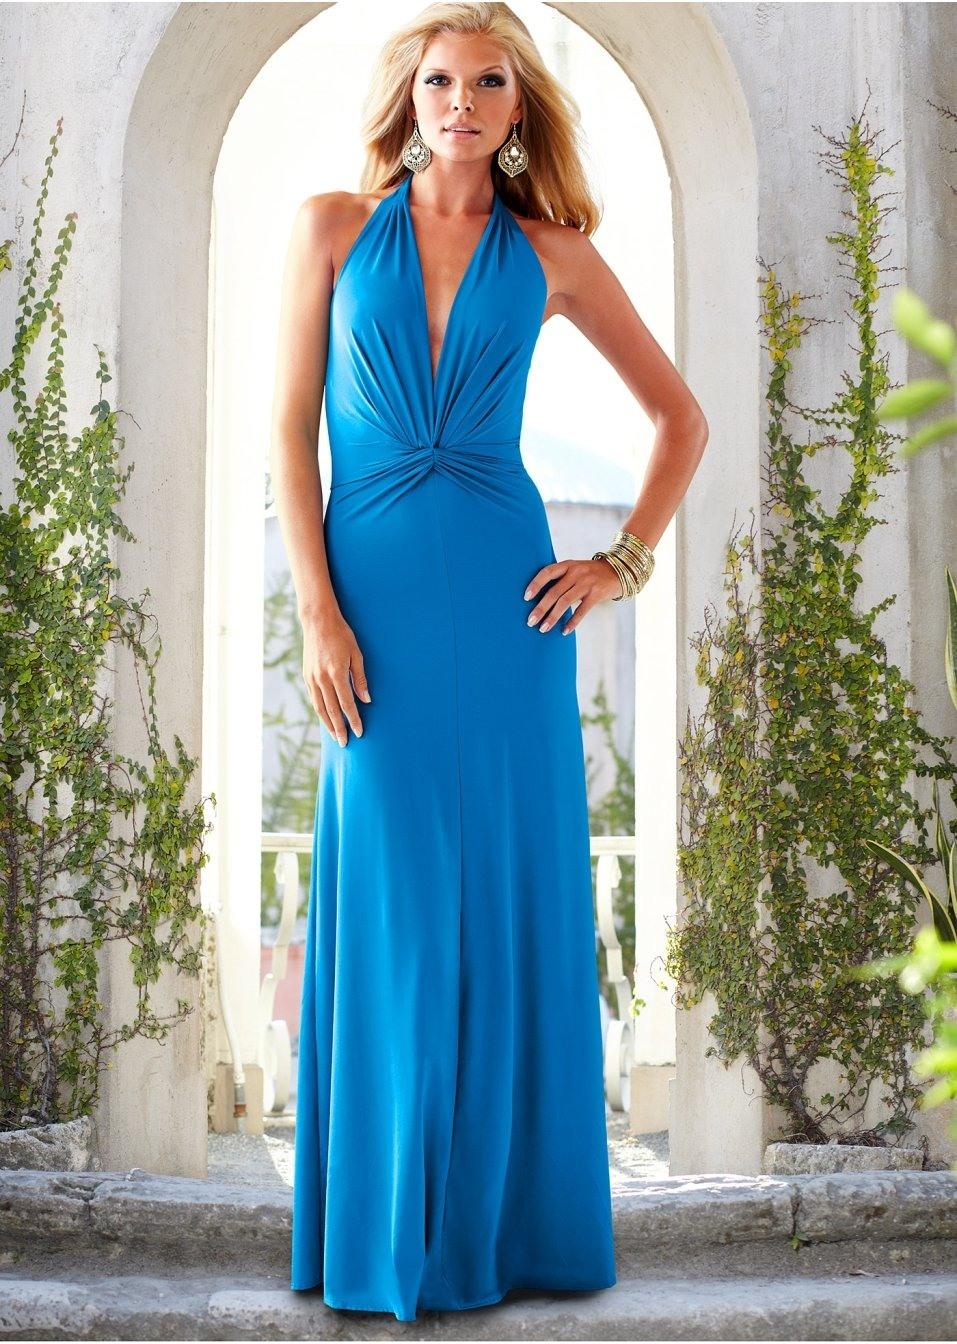 Elegant Lange Günstige Kleider VertriebAbend Großartig Lange Günstige Kleider Design